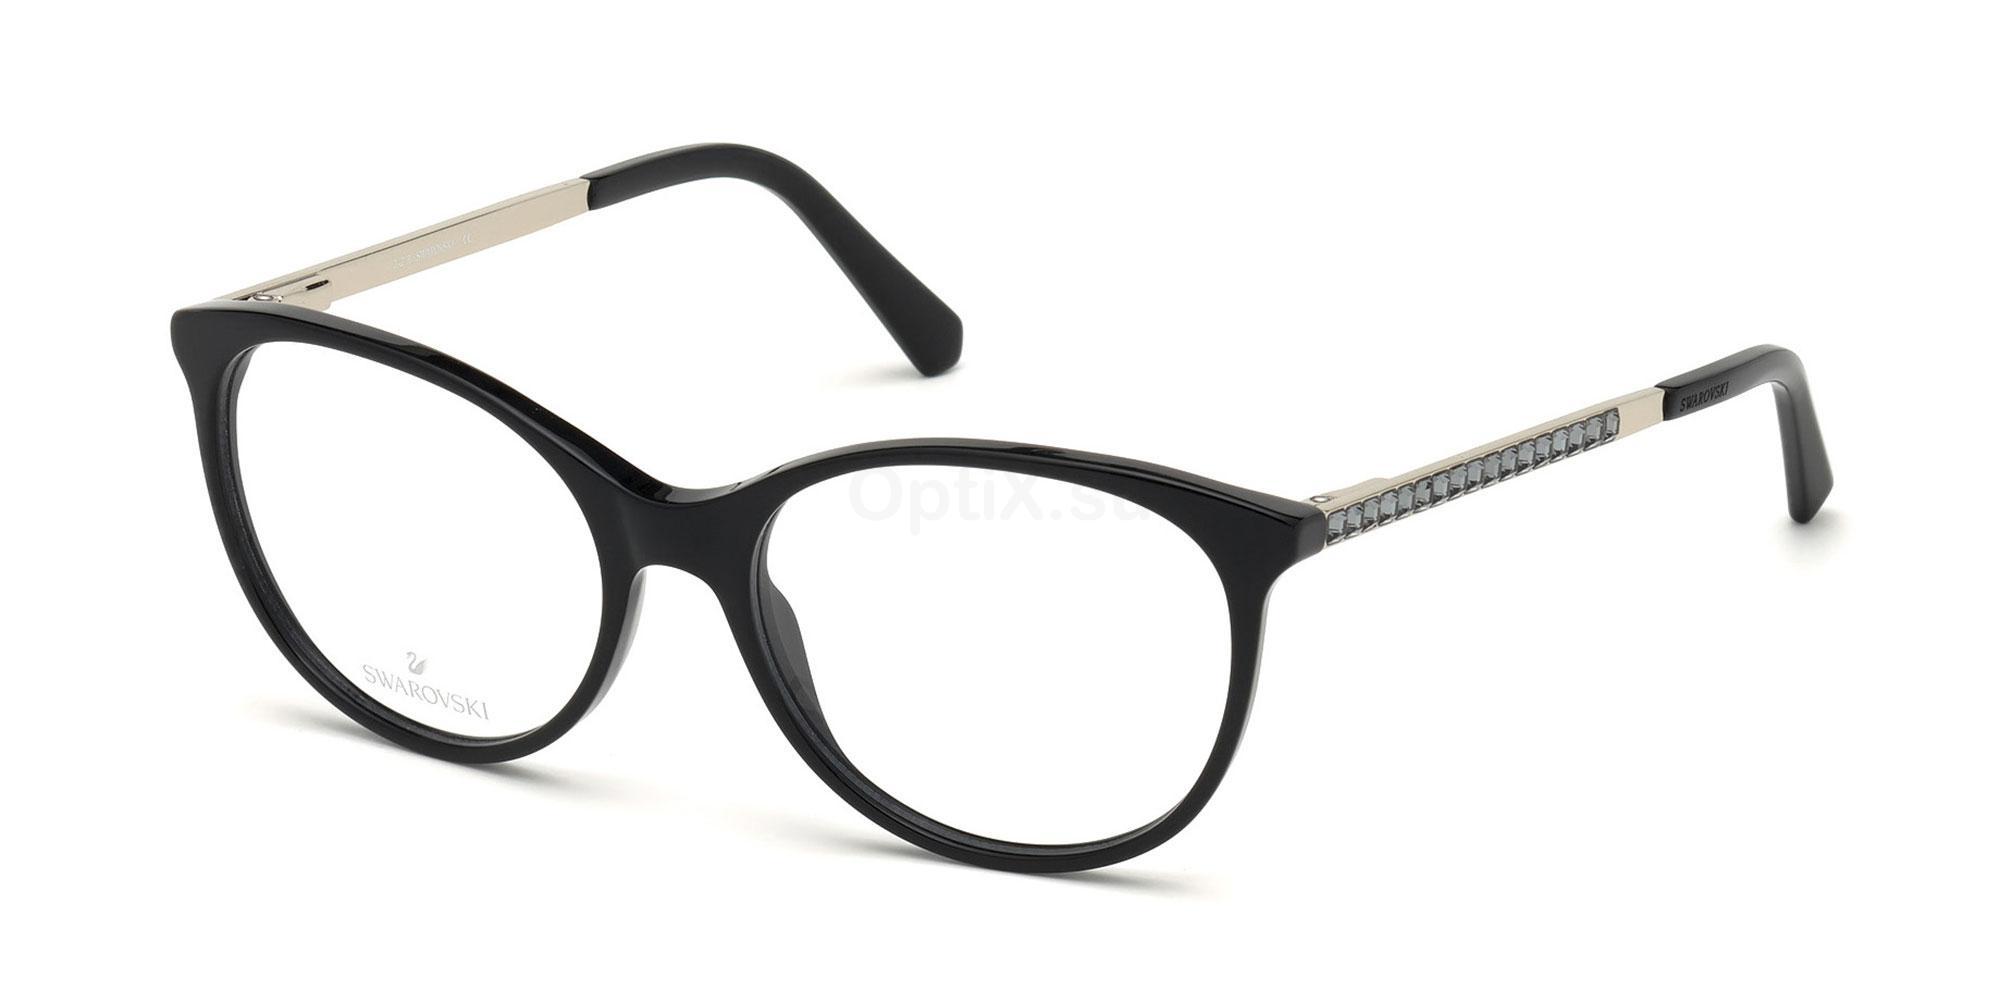 001 SK5297 Glasses, Swarovski